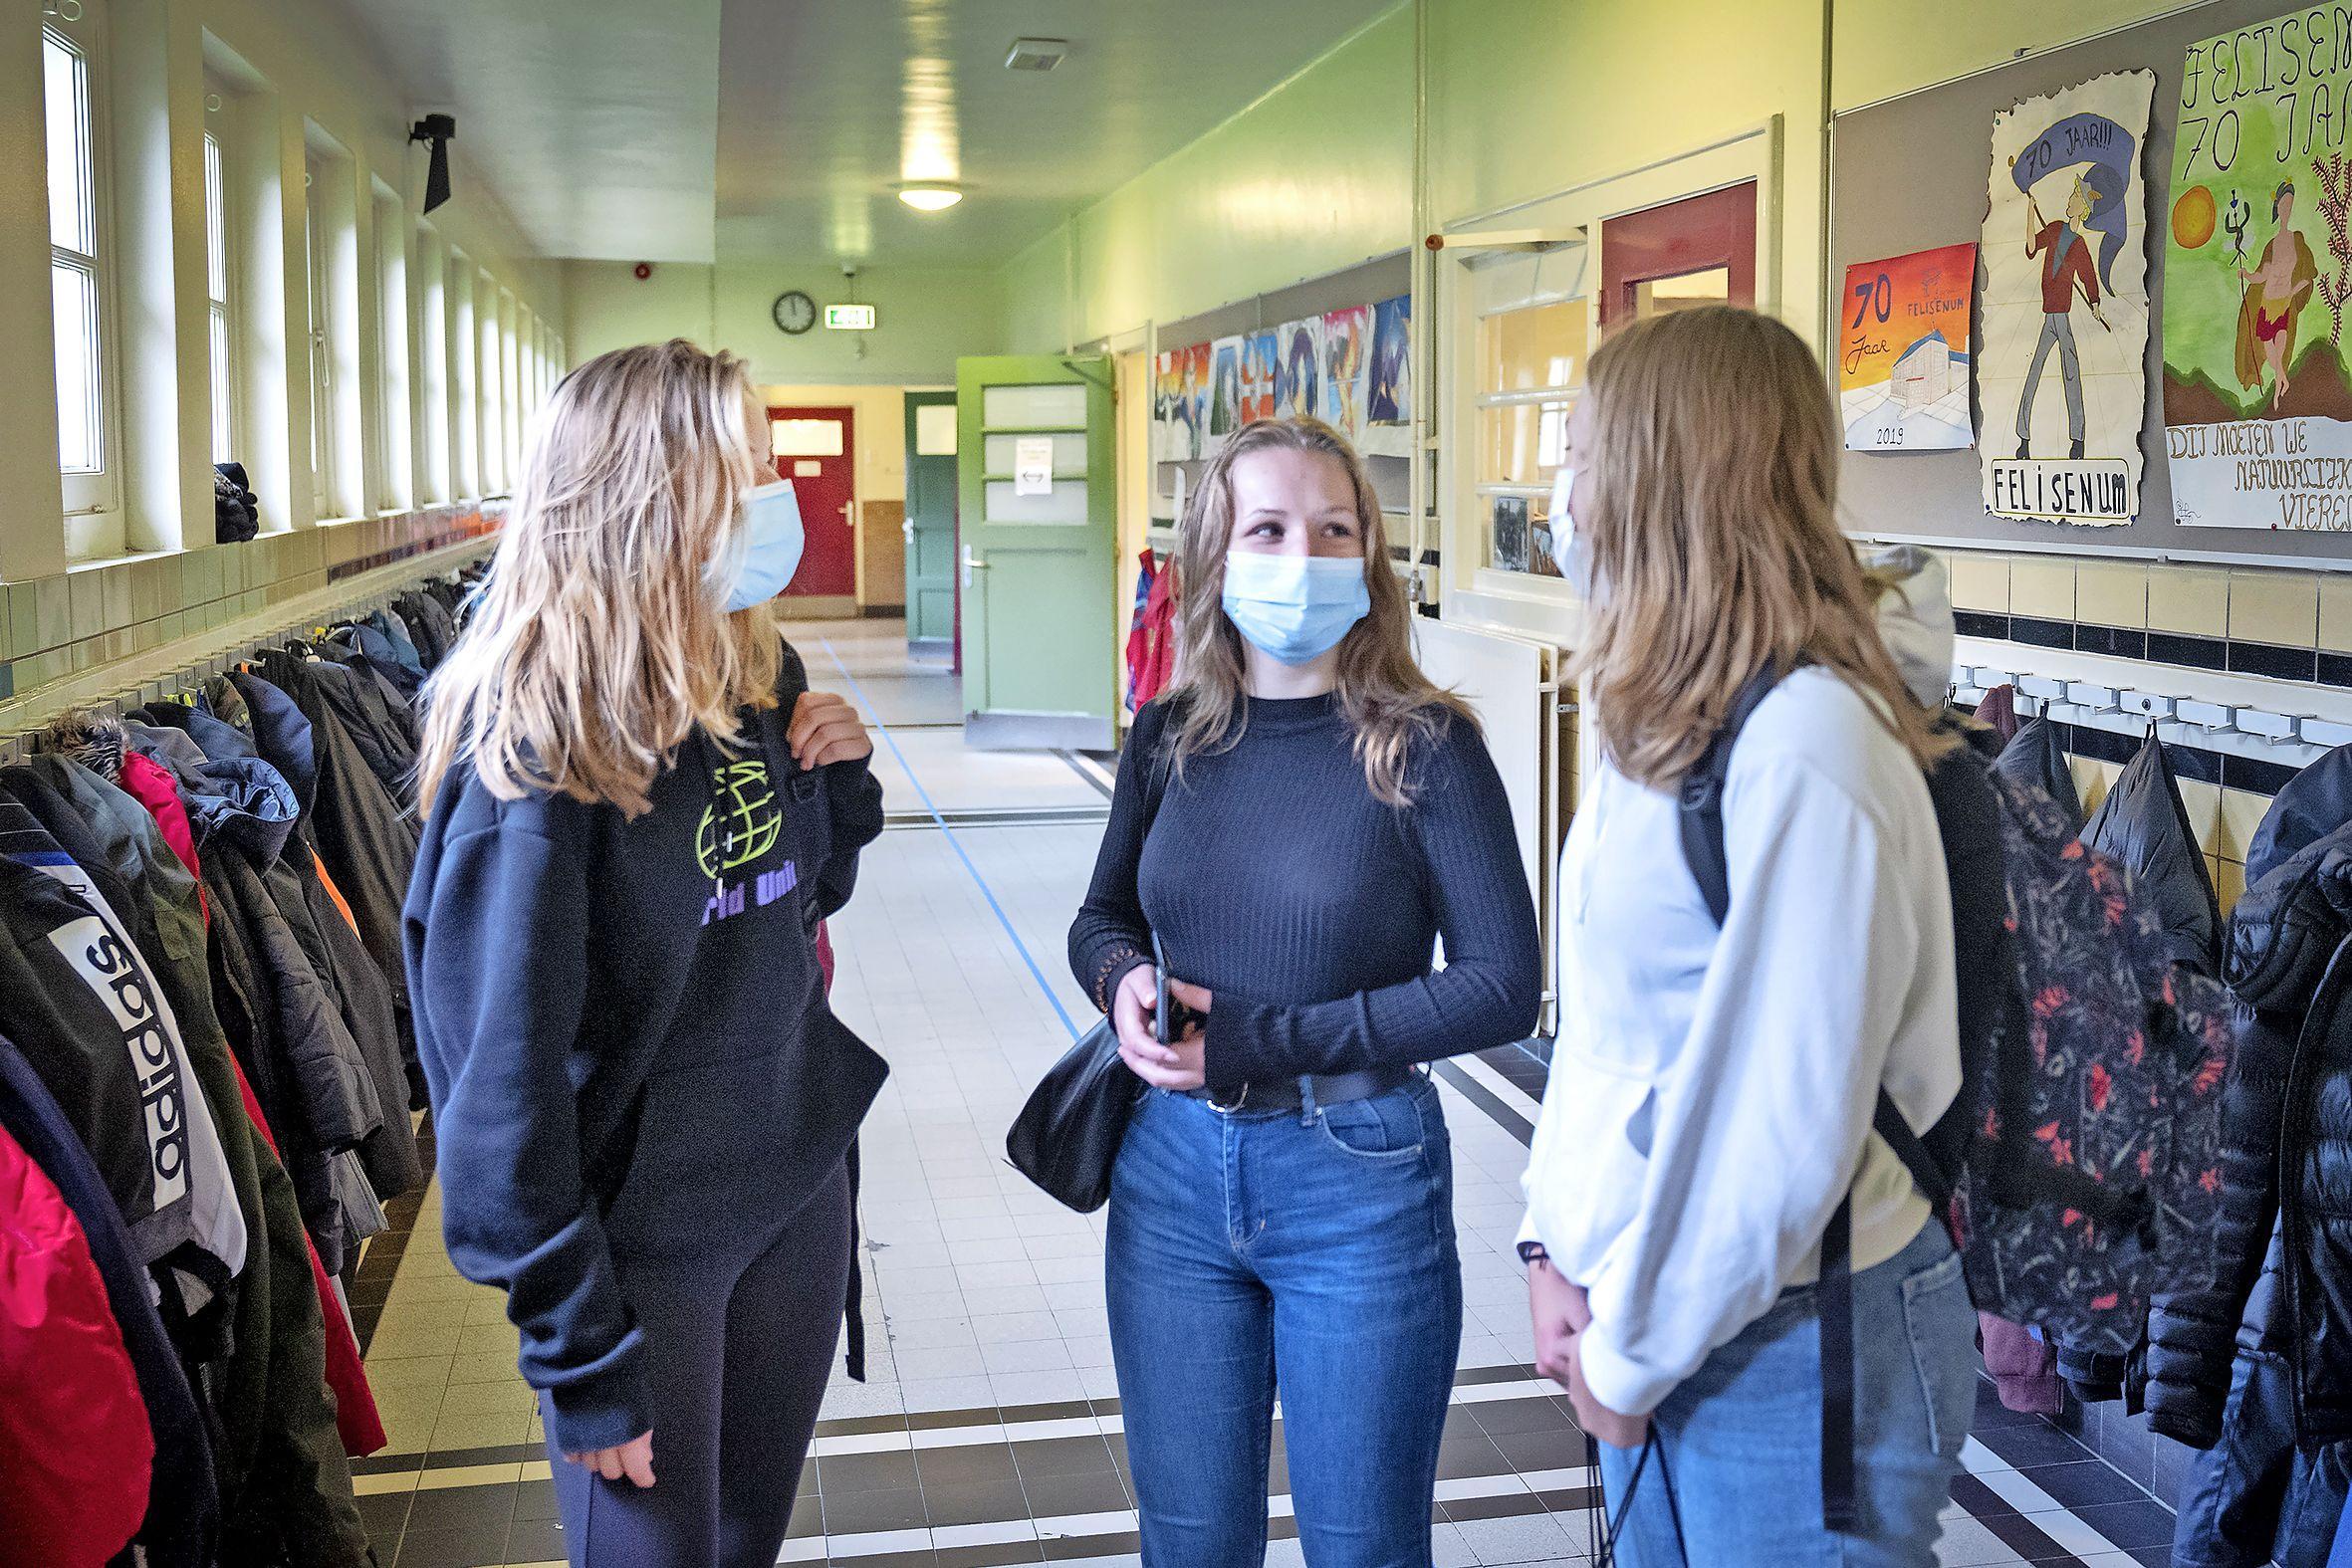 Vellesan College in IJmuiden gaat maandag open, andere scholen in de IJmond wachten af: 'Het moet veilig zijn voor leerlingen én docenten'